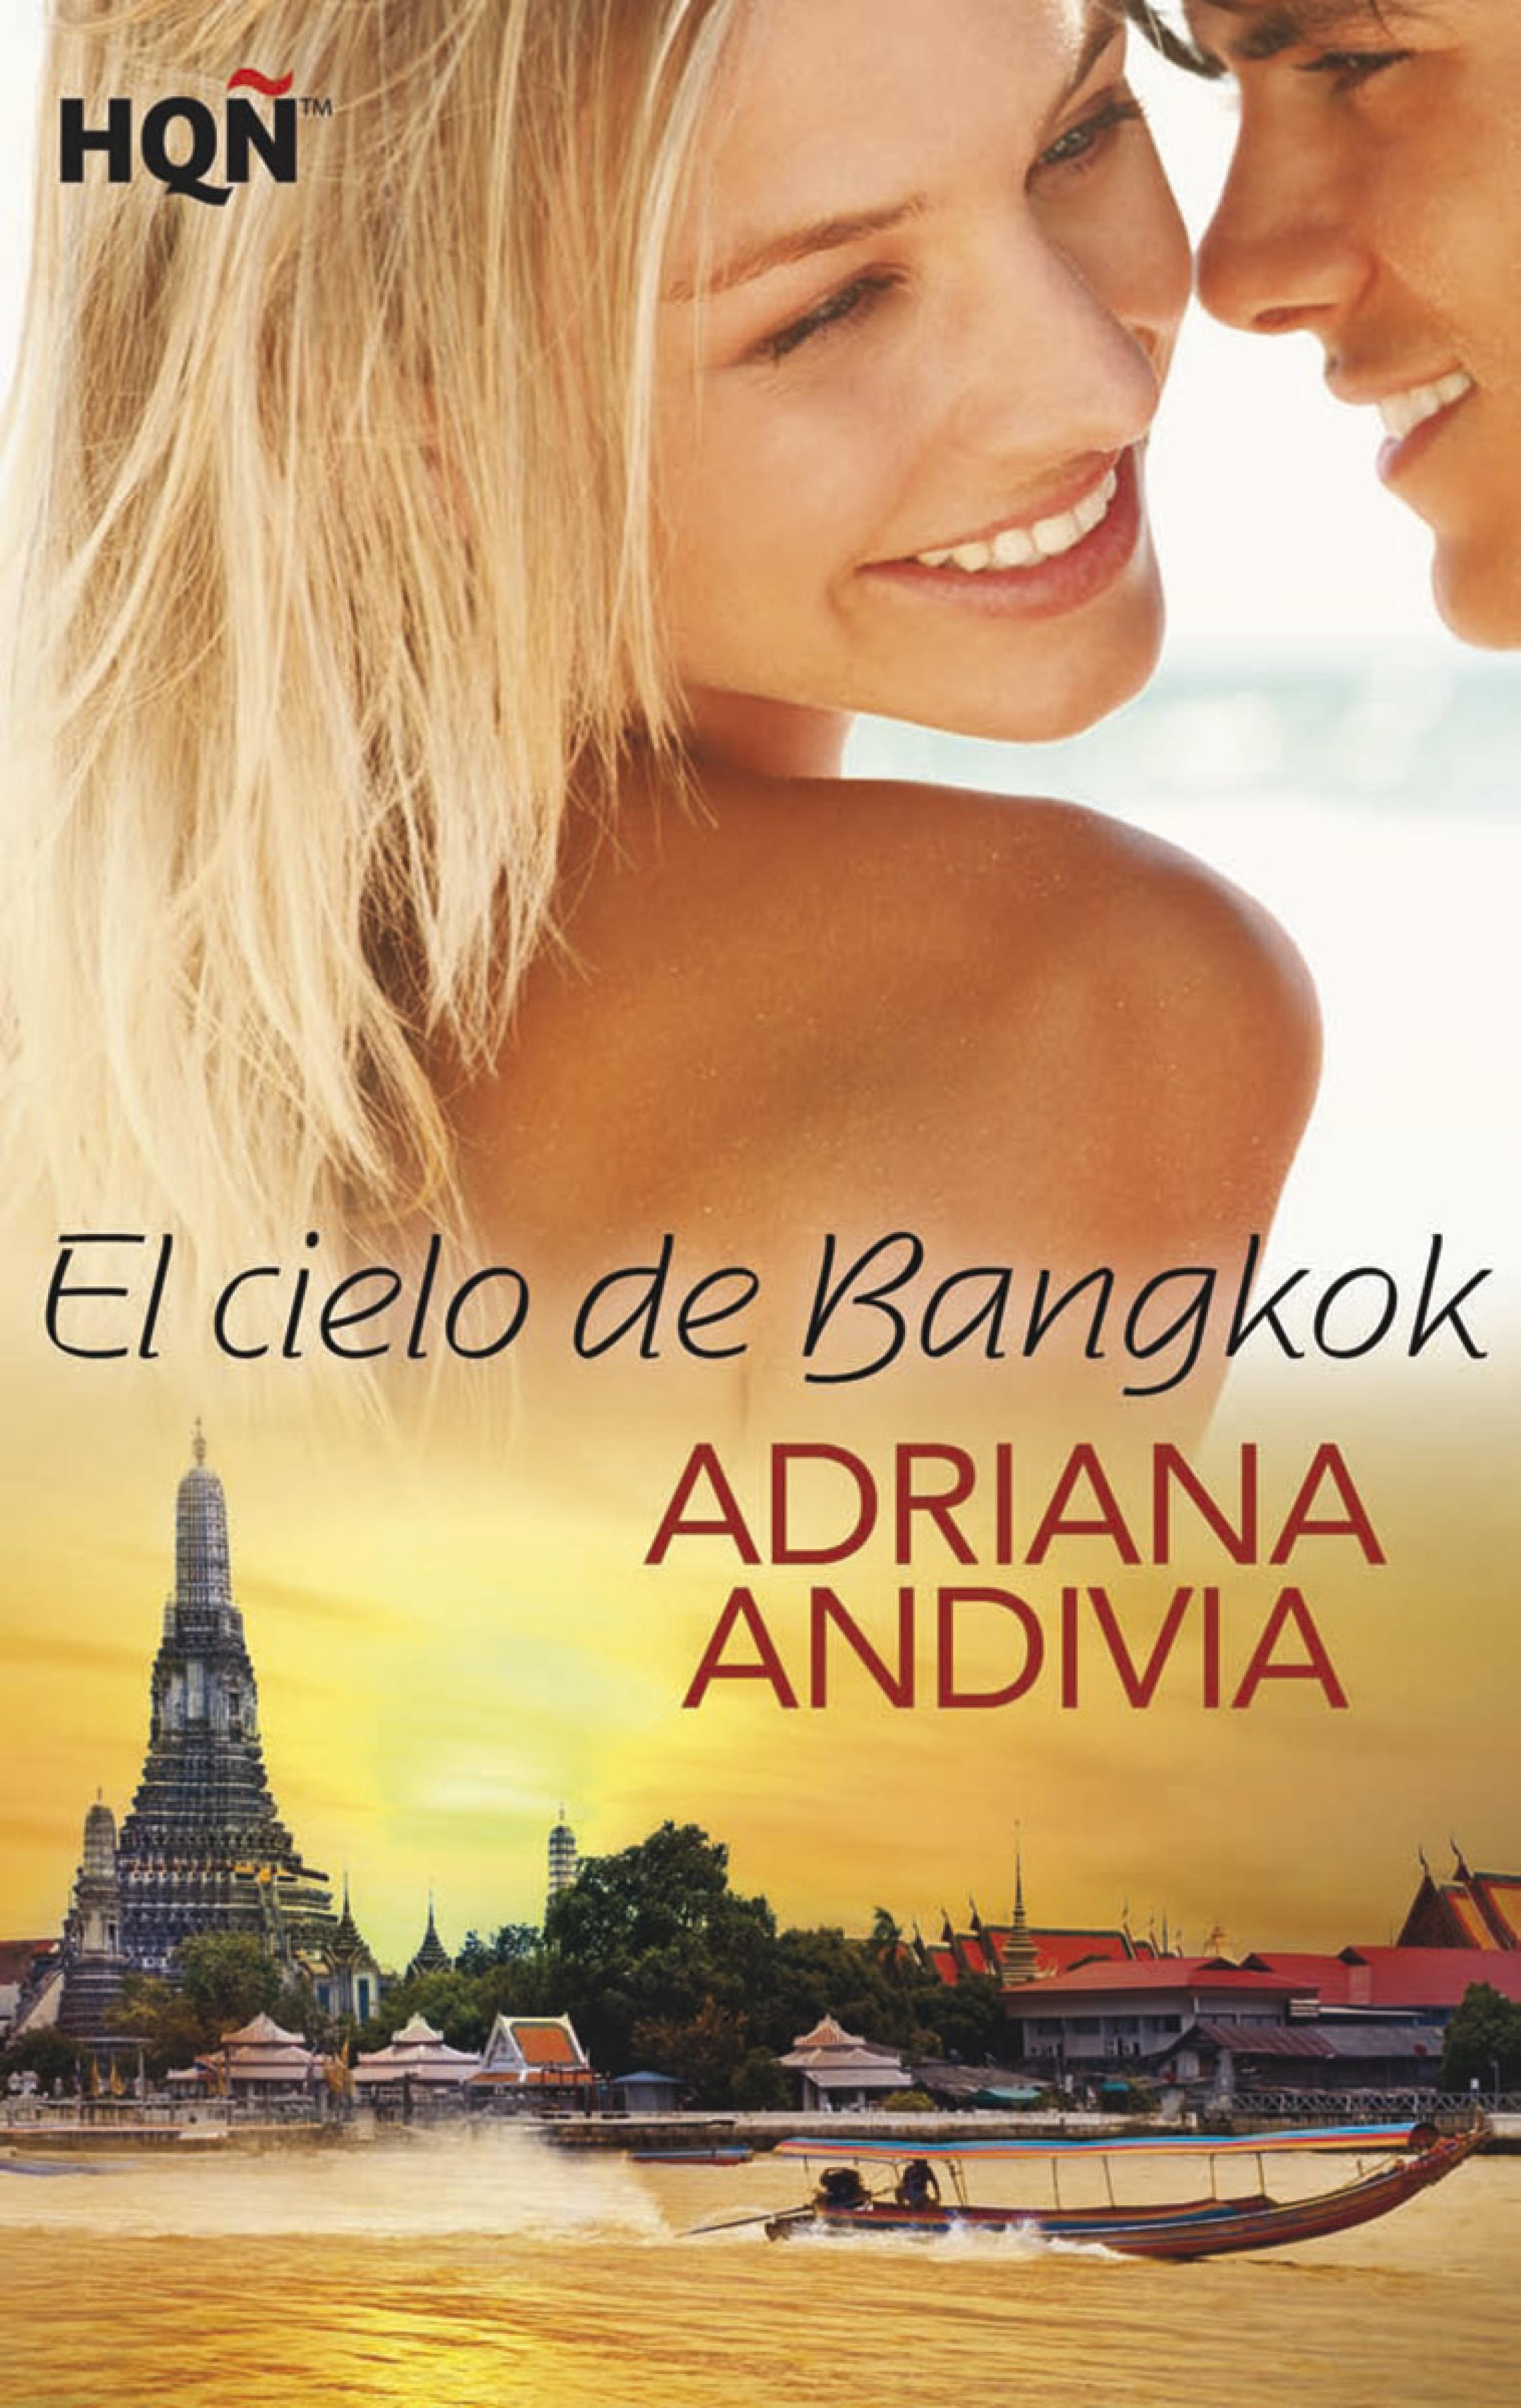 Adriana Andivia El cielo de Bangkok dvicio bangkok